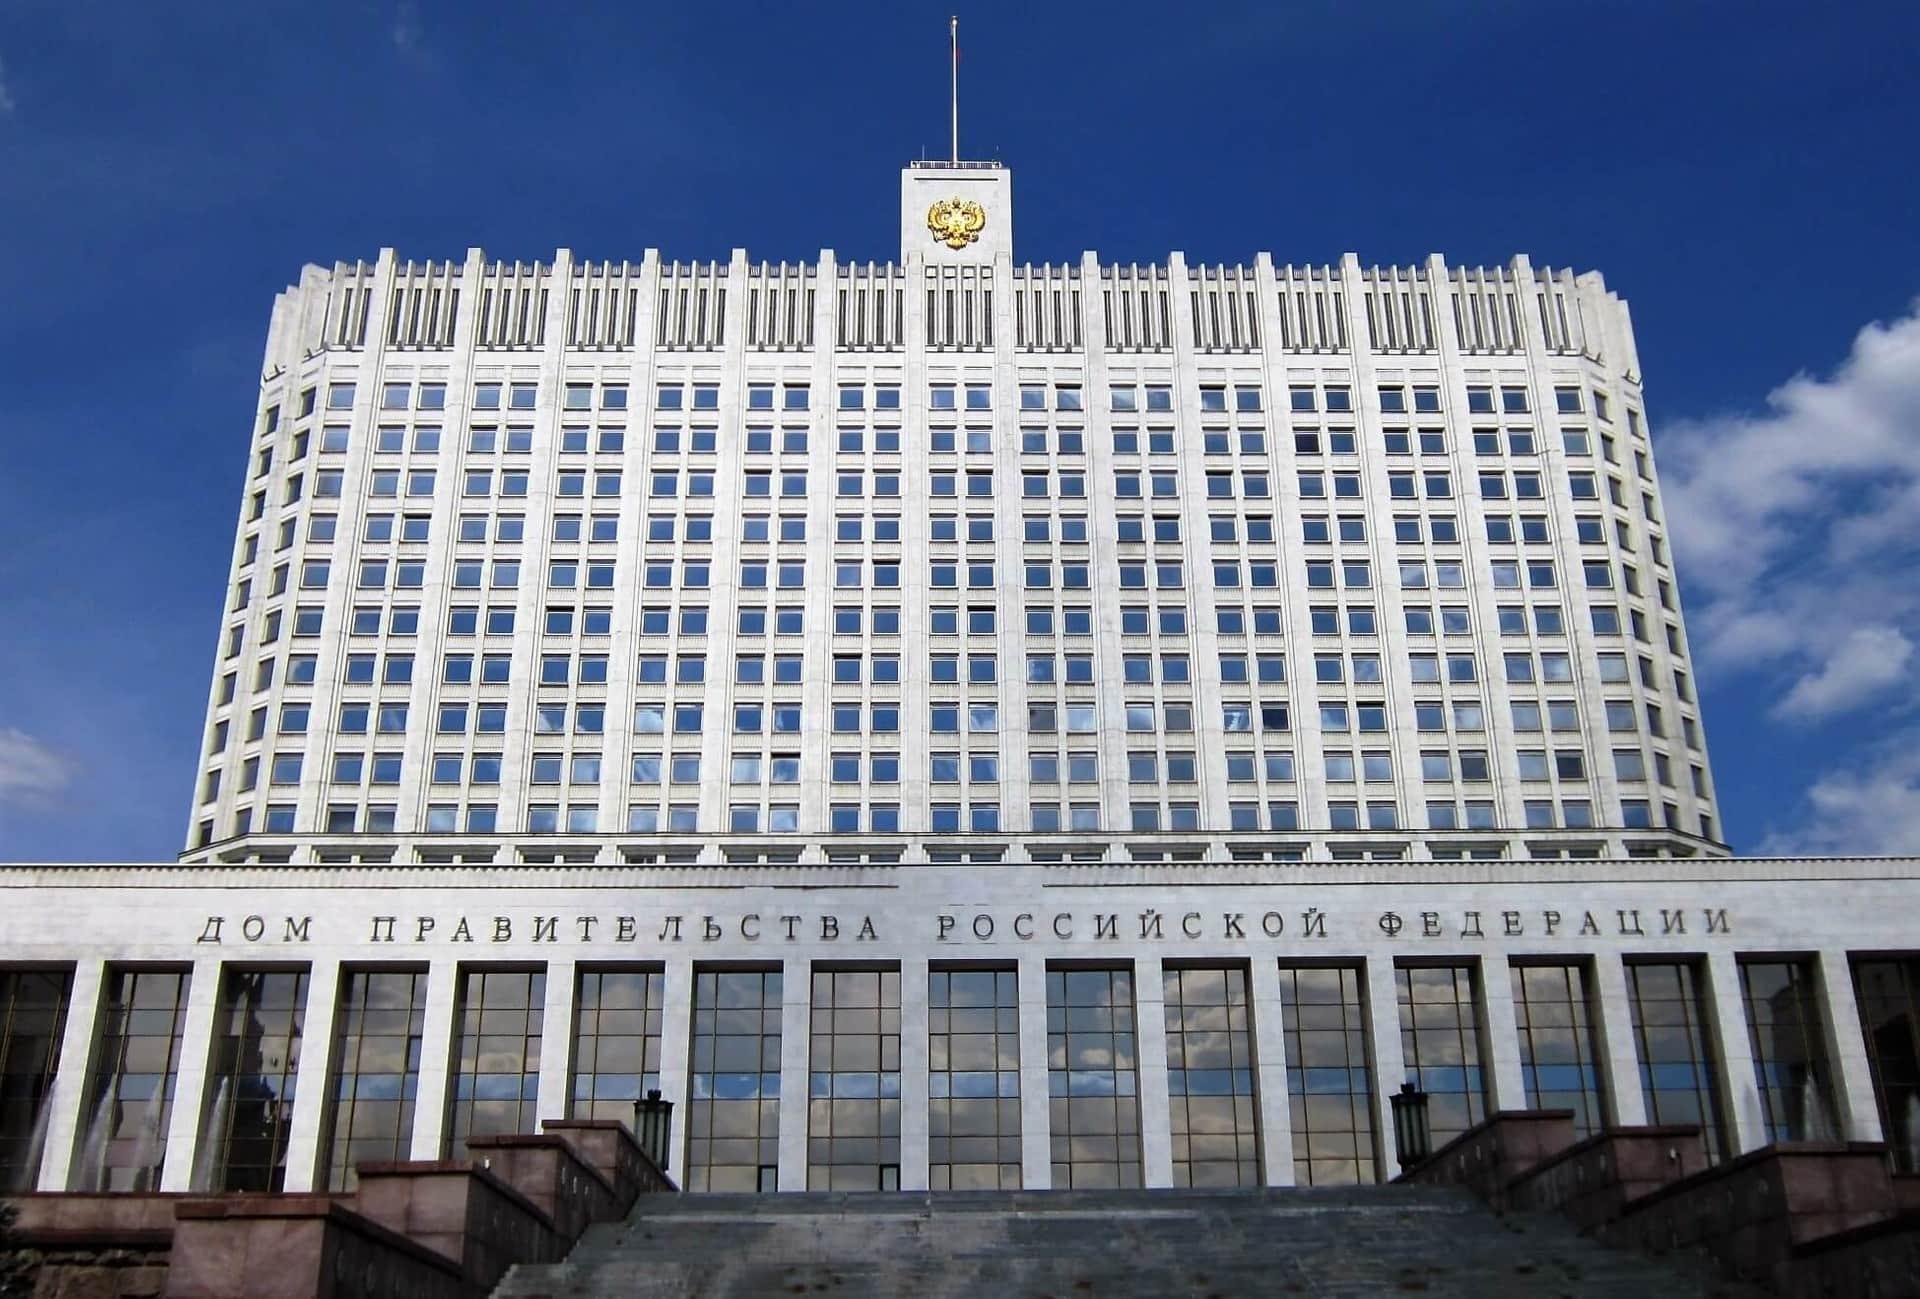 Правительство РФ утвердило порядок предоставления регионам субсидии на паллиативную помощь